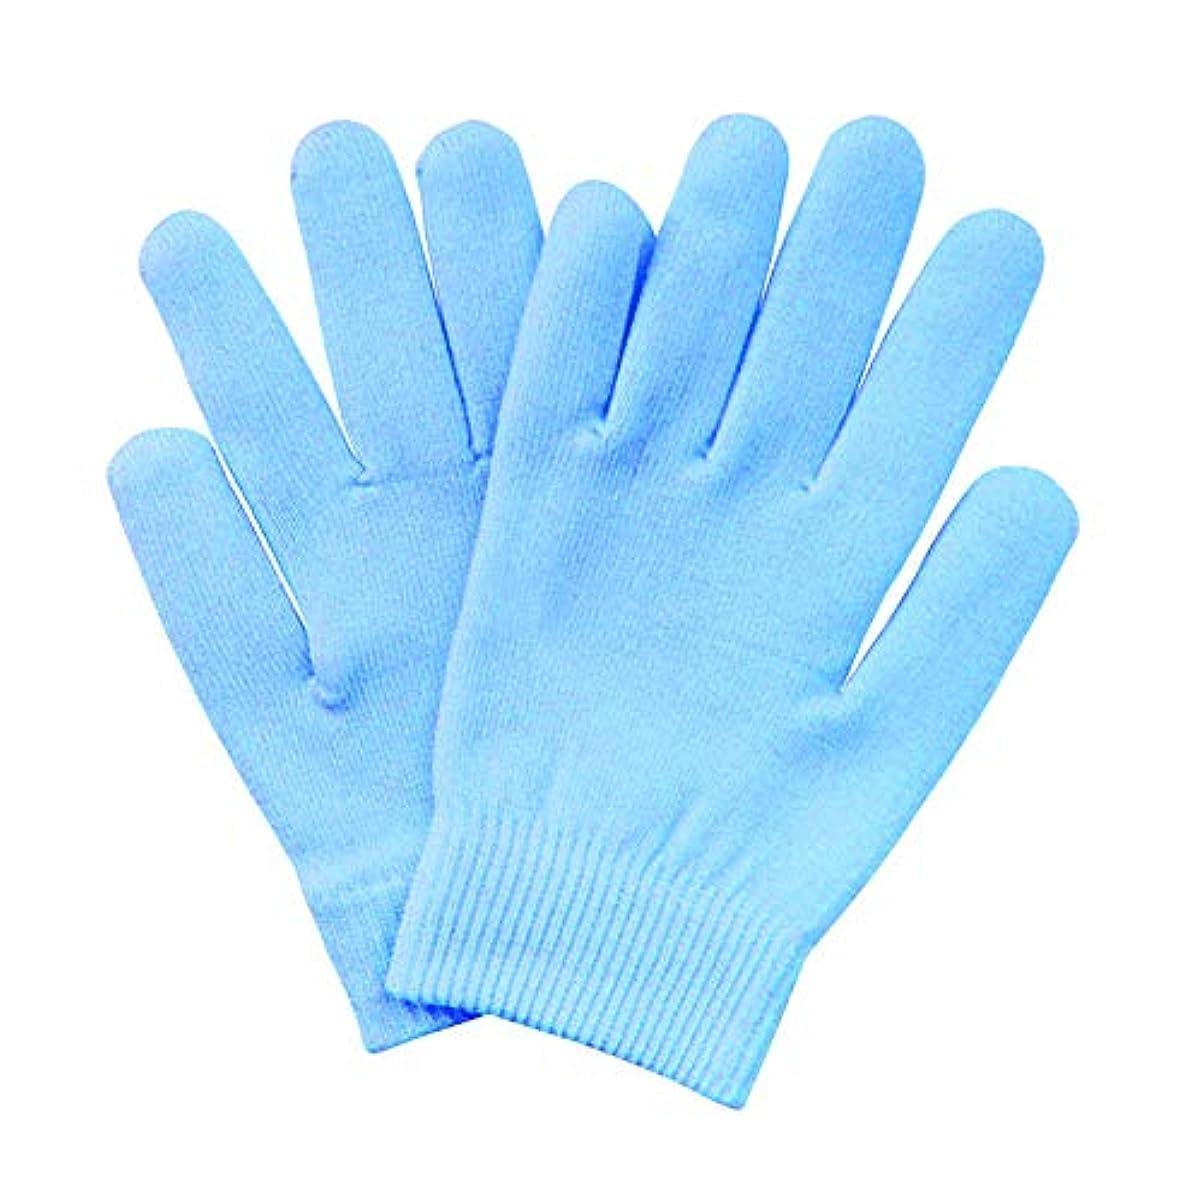 リビジョン疑問を超えて洪水Pinkiou SPAジェルグローブ 手袋 保湿 美肌 手袋 ハンドケア 角質ケア 手荒れ対策 スキンケア ホホバオイル ビタミンE レディース 綿 肌に優しい(ブルー)